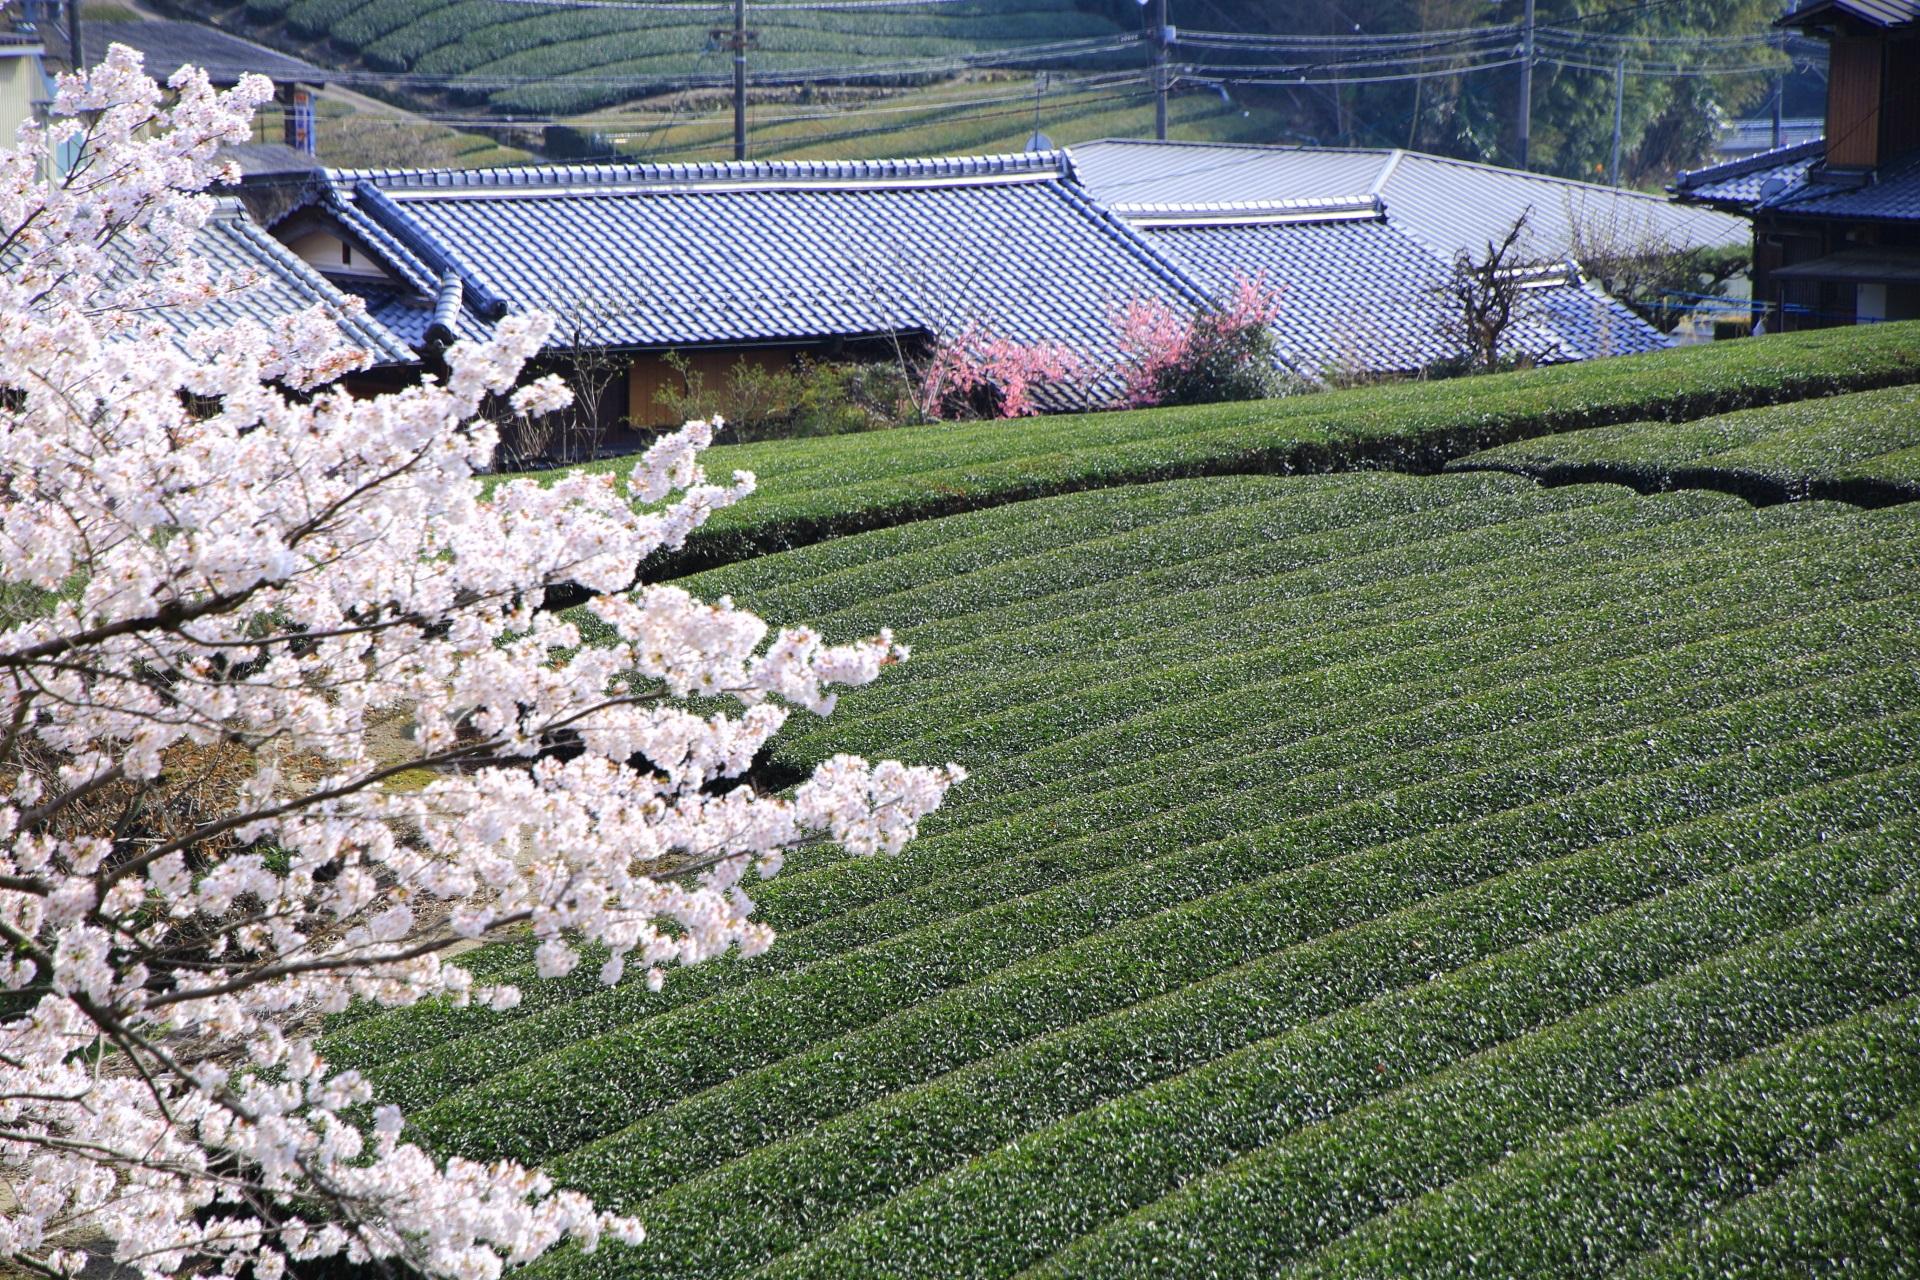 お茶の町である和束町を華やぐ桜と長閑で美しい茶畑